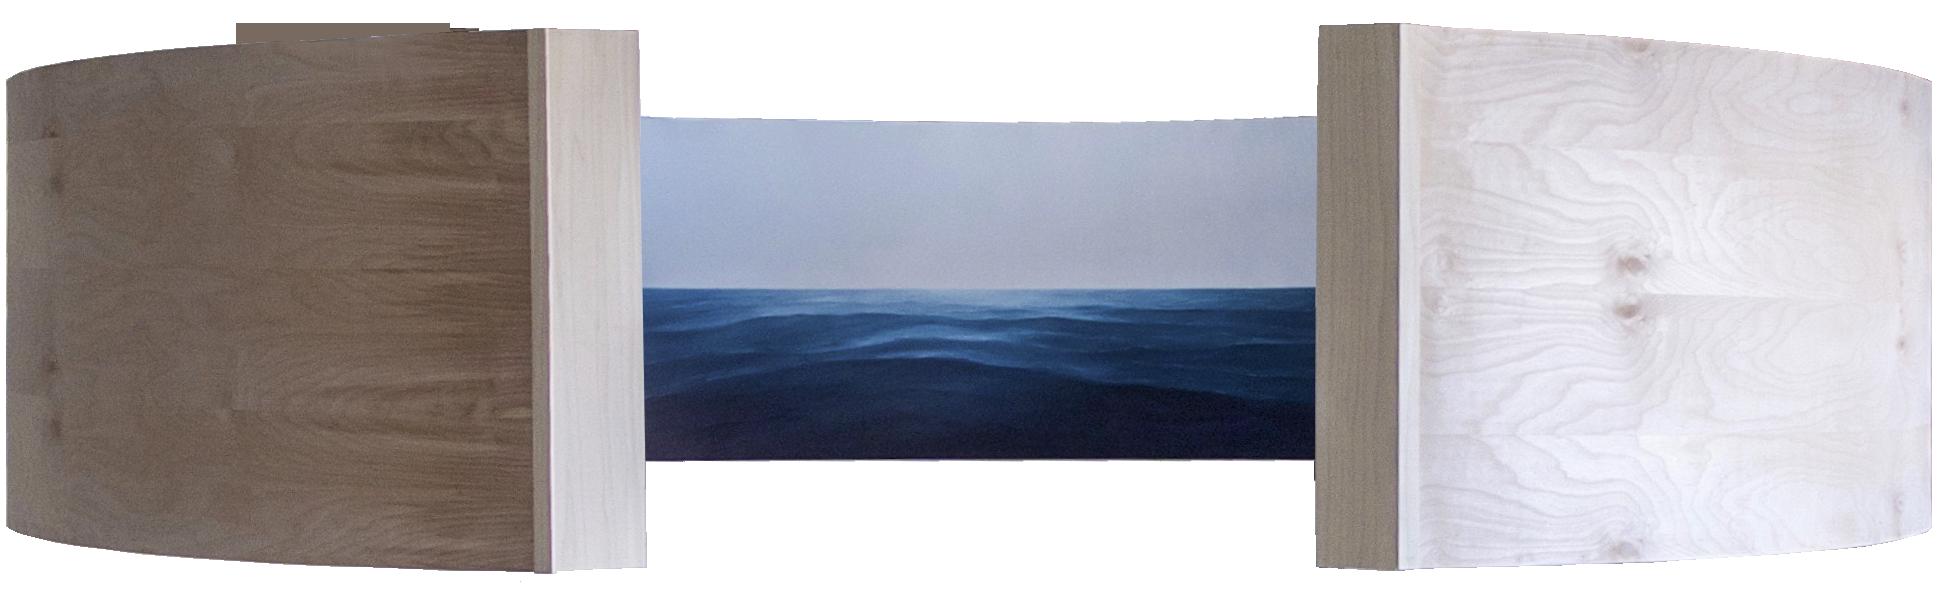 Adrift   oil on shaped panel  2'x7' (3)  2017